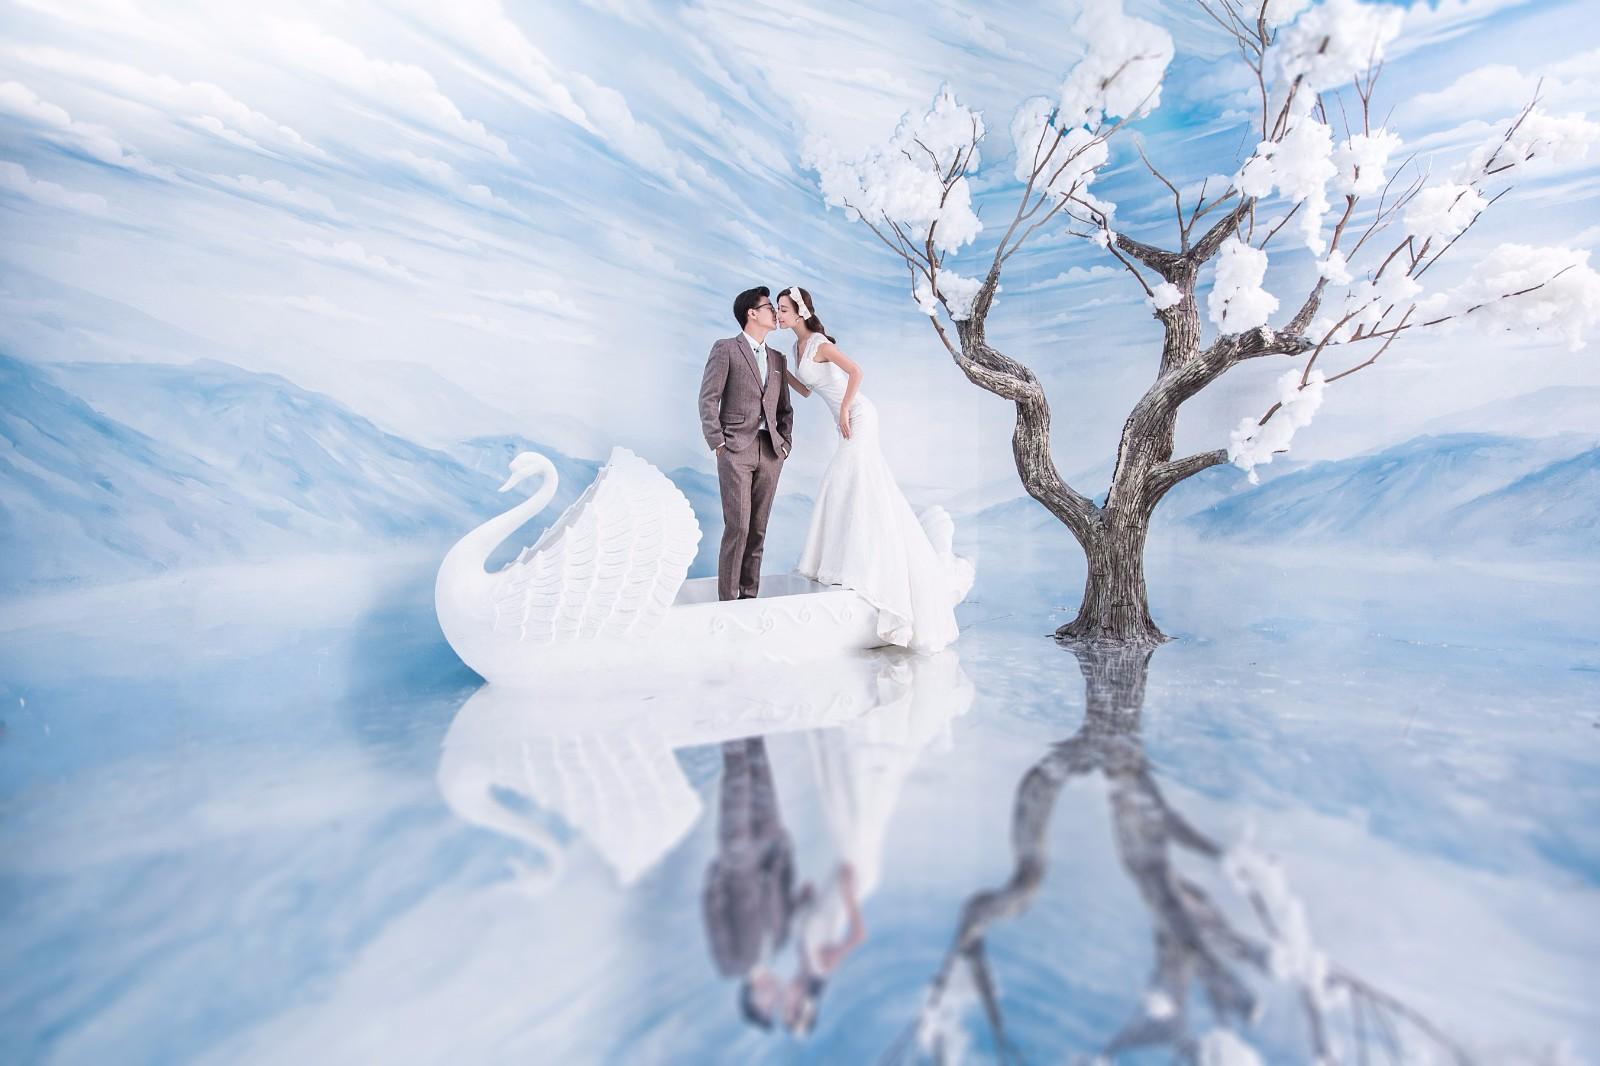 多少岁可以领结婚证_现在多少岁可以领结婚证_2017领结婚证年龄